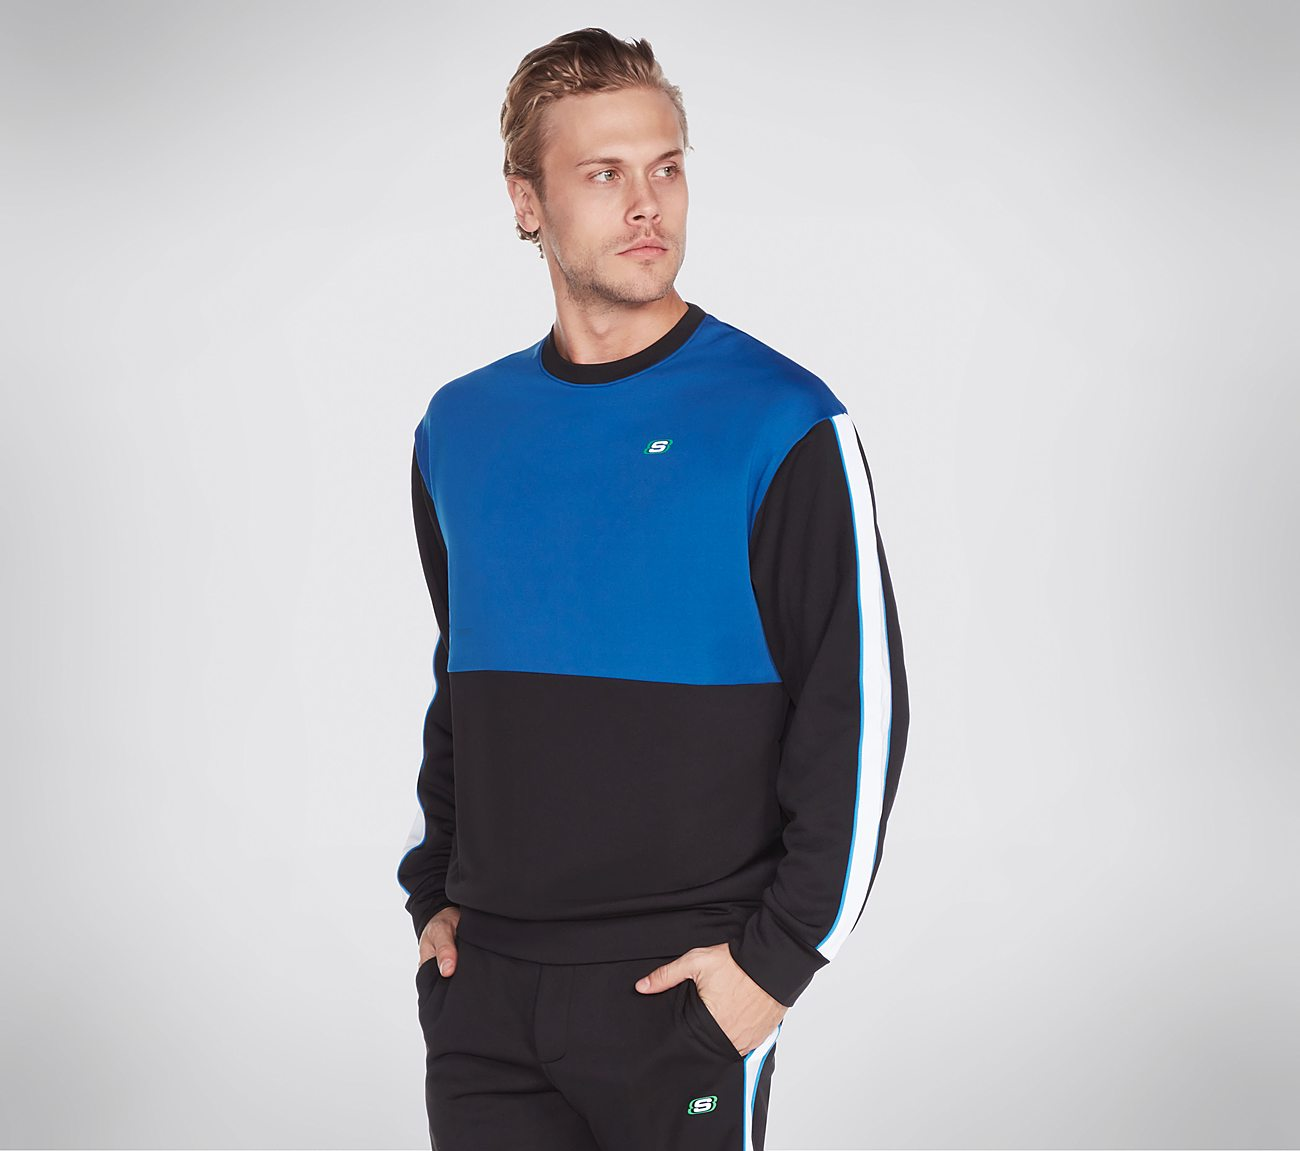 Skechers Apparel Adventure Crewneck Sweatshirt